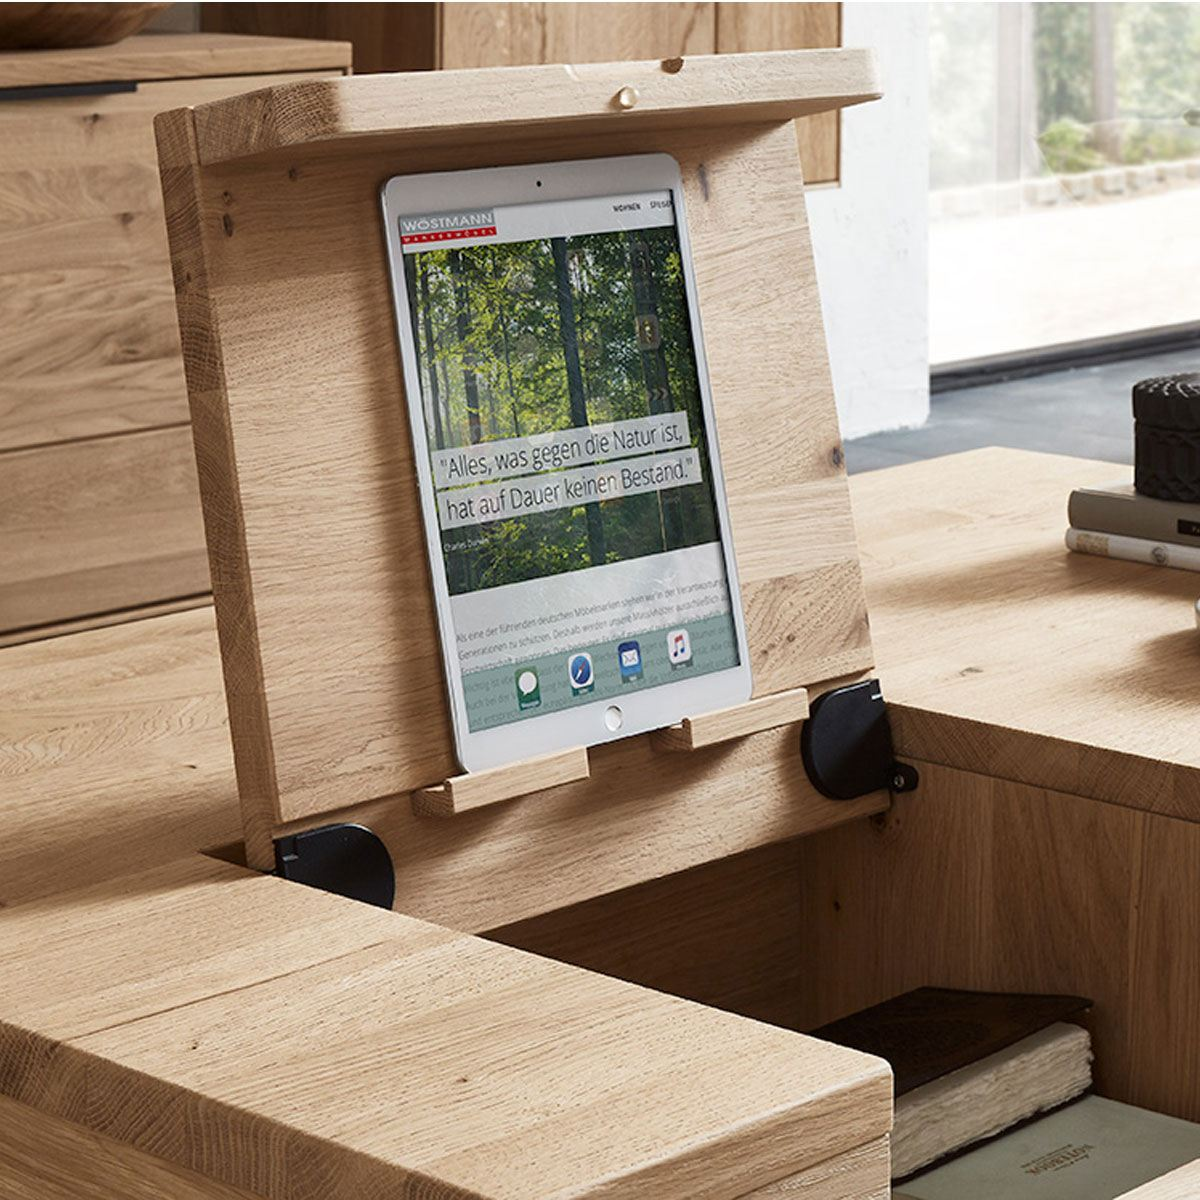 w stmann wm1910 couchtisch type 9505 in wildeiche massiv. Black Bedroom Furniture Sets. Home Design Ideas